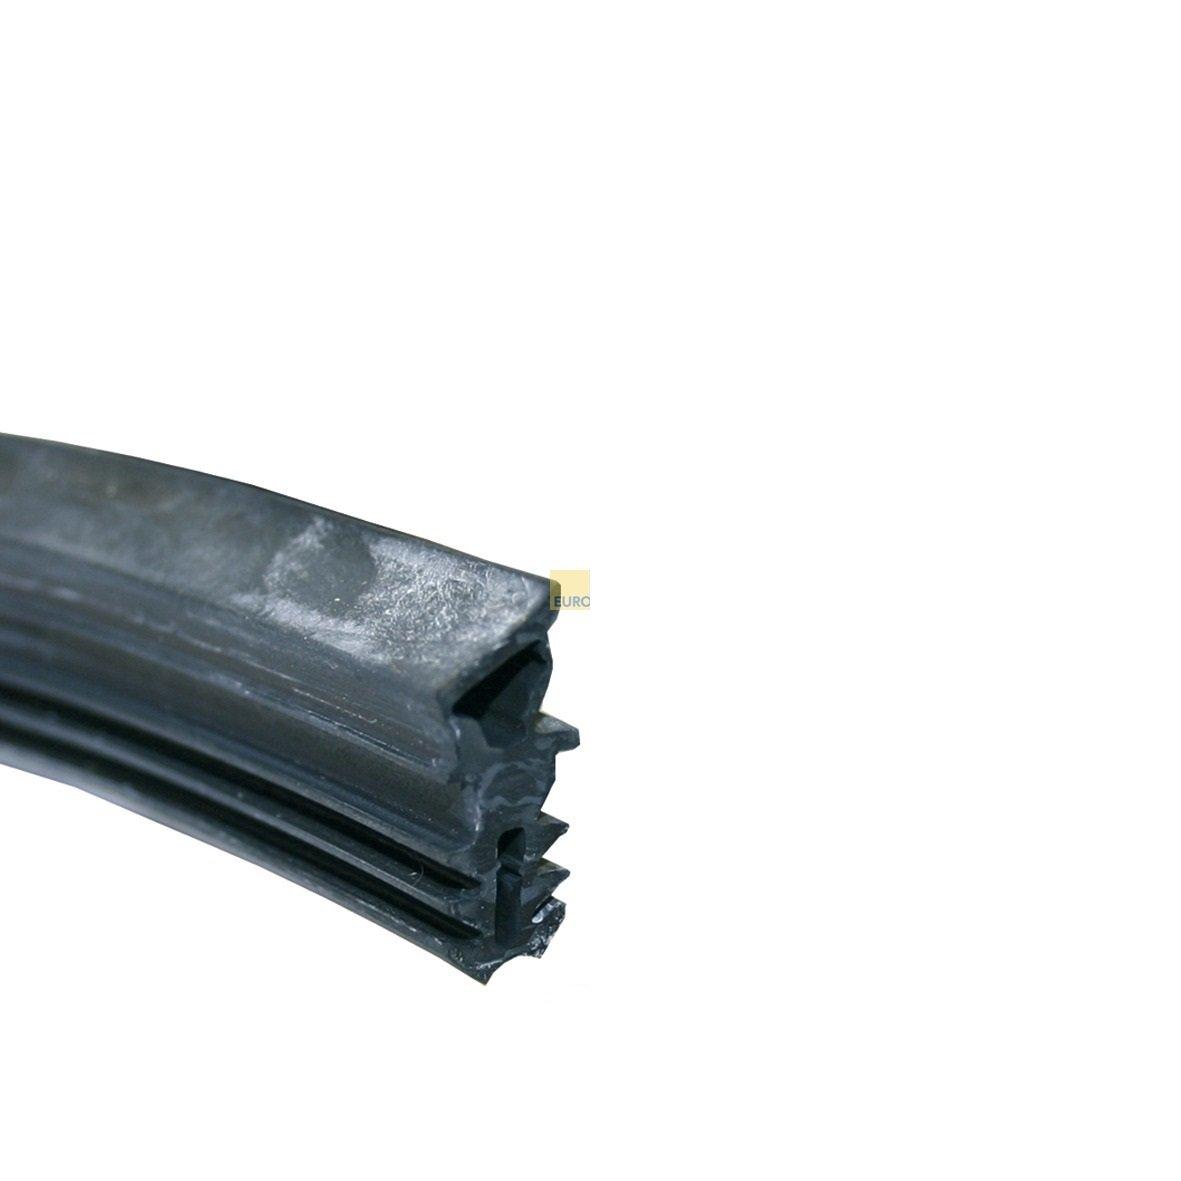 Türdichtung Dichtung 3-seitig Spülmaschine ORIGINAL Bosch Siemens 488143